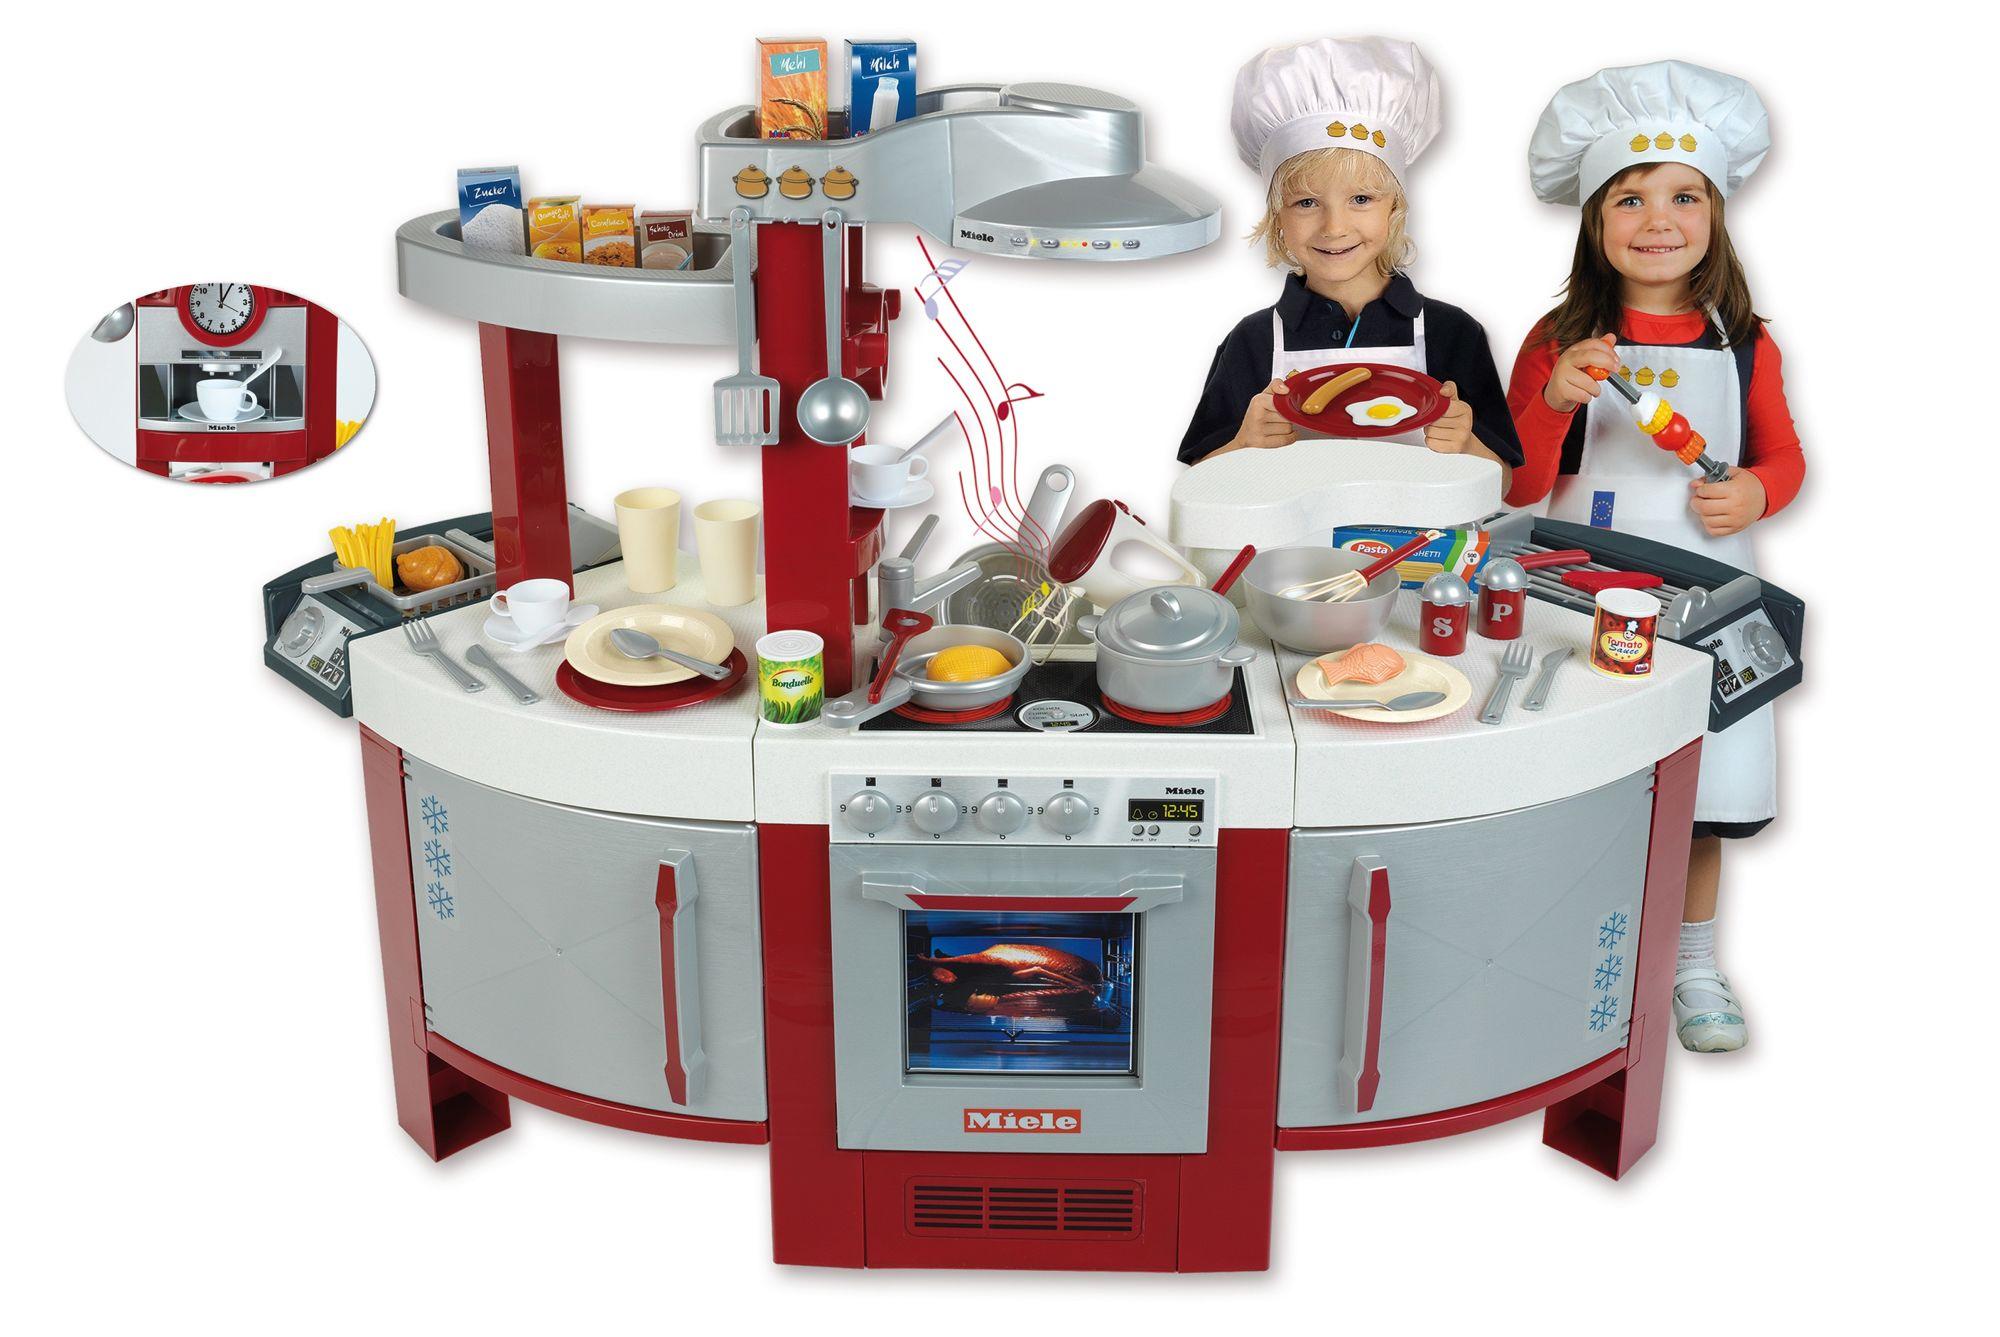 Klein 9125 Duża Elektroniczna Kuchnia Miele Z 57 Akcesoriami Numer 1